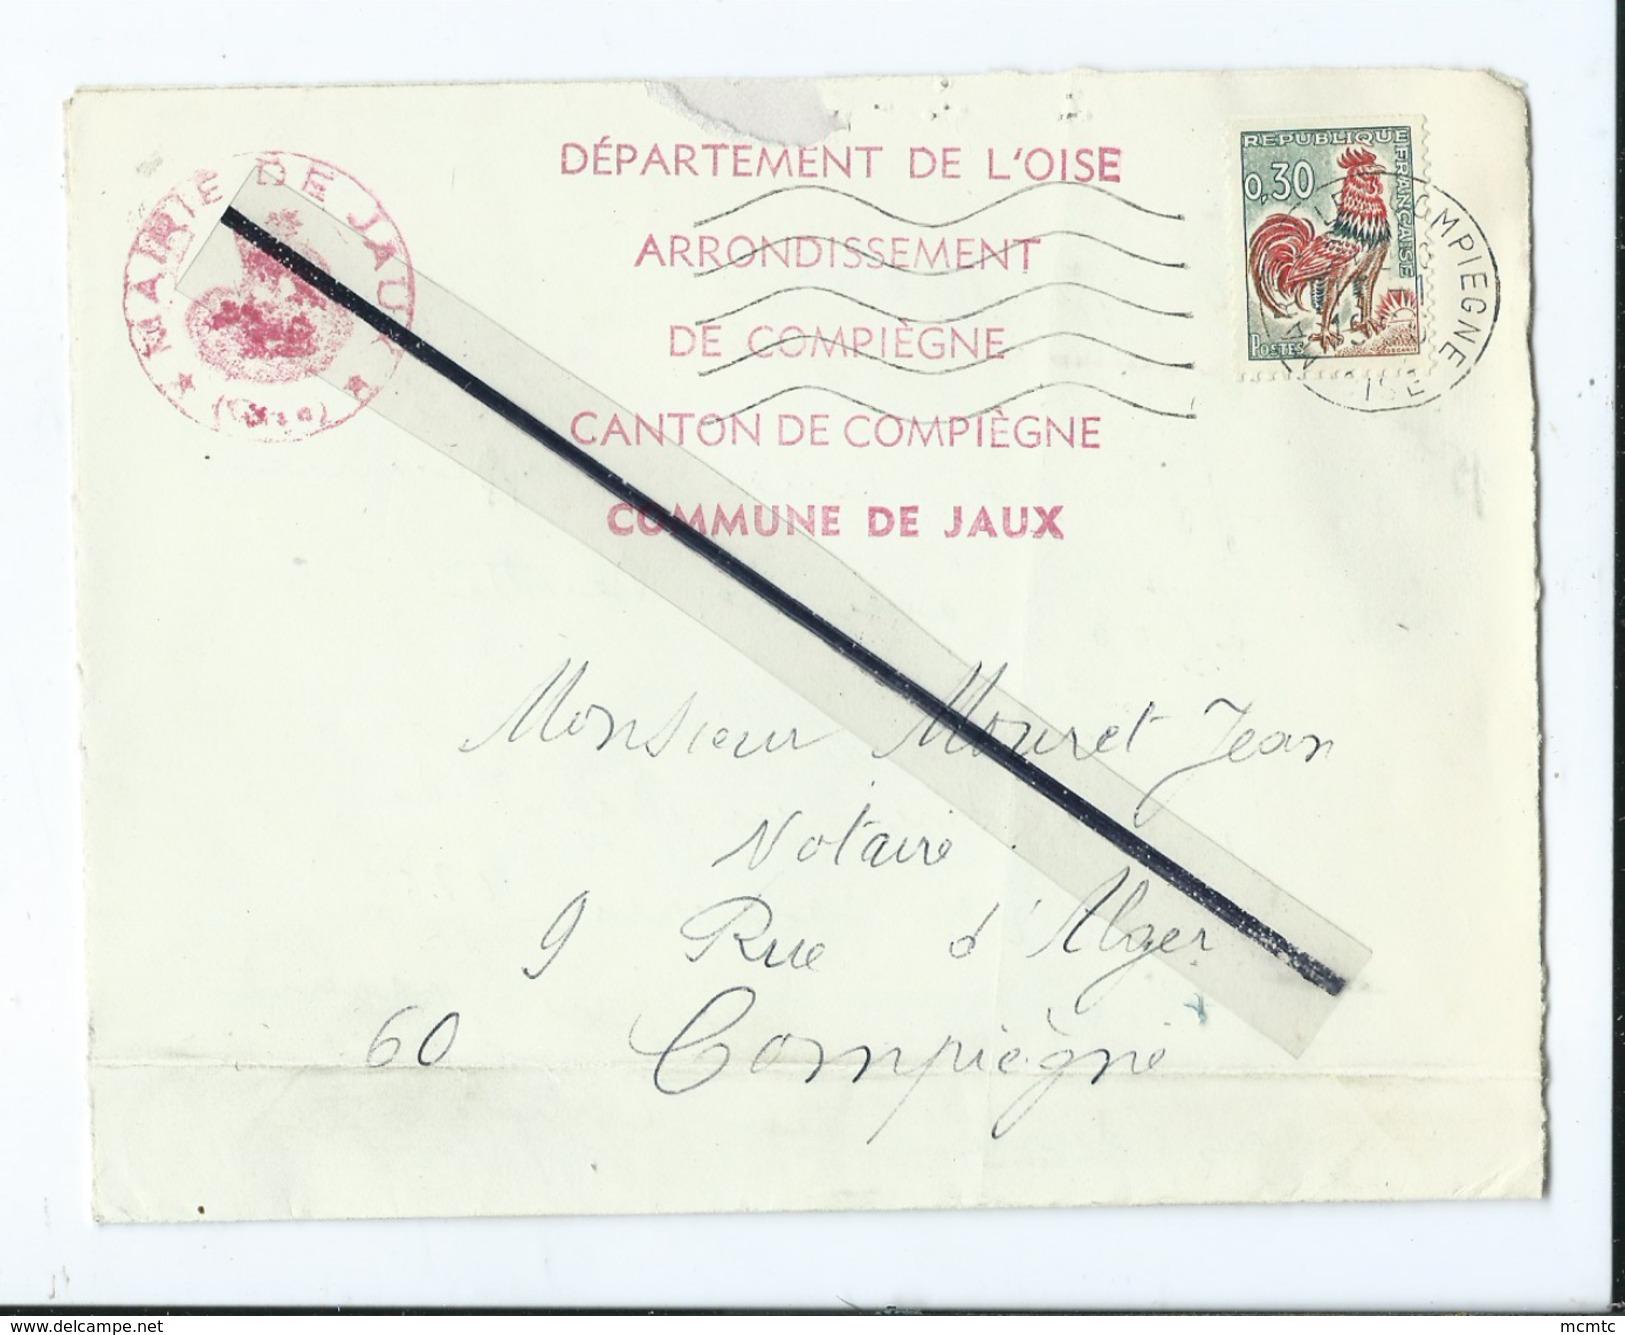 Enveloppe Ancienne  Timbrée - Mairie , Commune De Jaux ,arrondissement , Canton De Compiègne -   Dest- Notaire - Marcofilie (Brieven)